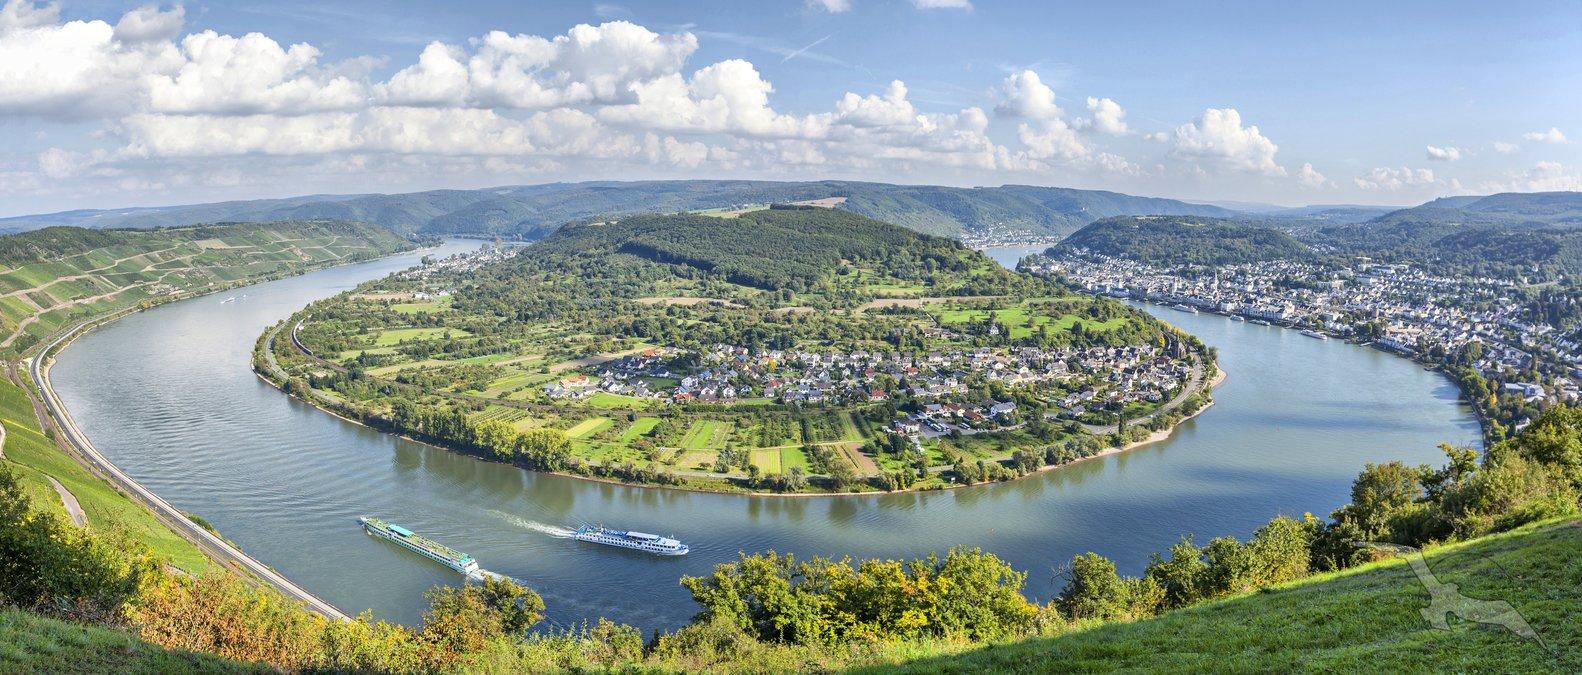 Rhein-Neckar-Sinfonie: Köln - Rüdesheim - Heidelberg - Bad Cannstatt - Mannheim - Worms - Koblenz - Bonn - Köln mit der MS Switzerland